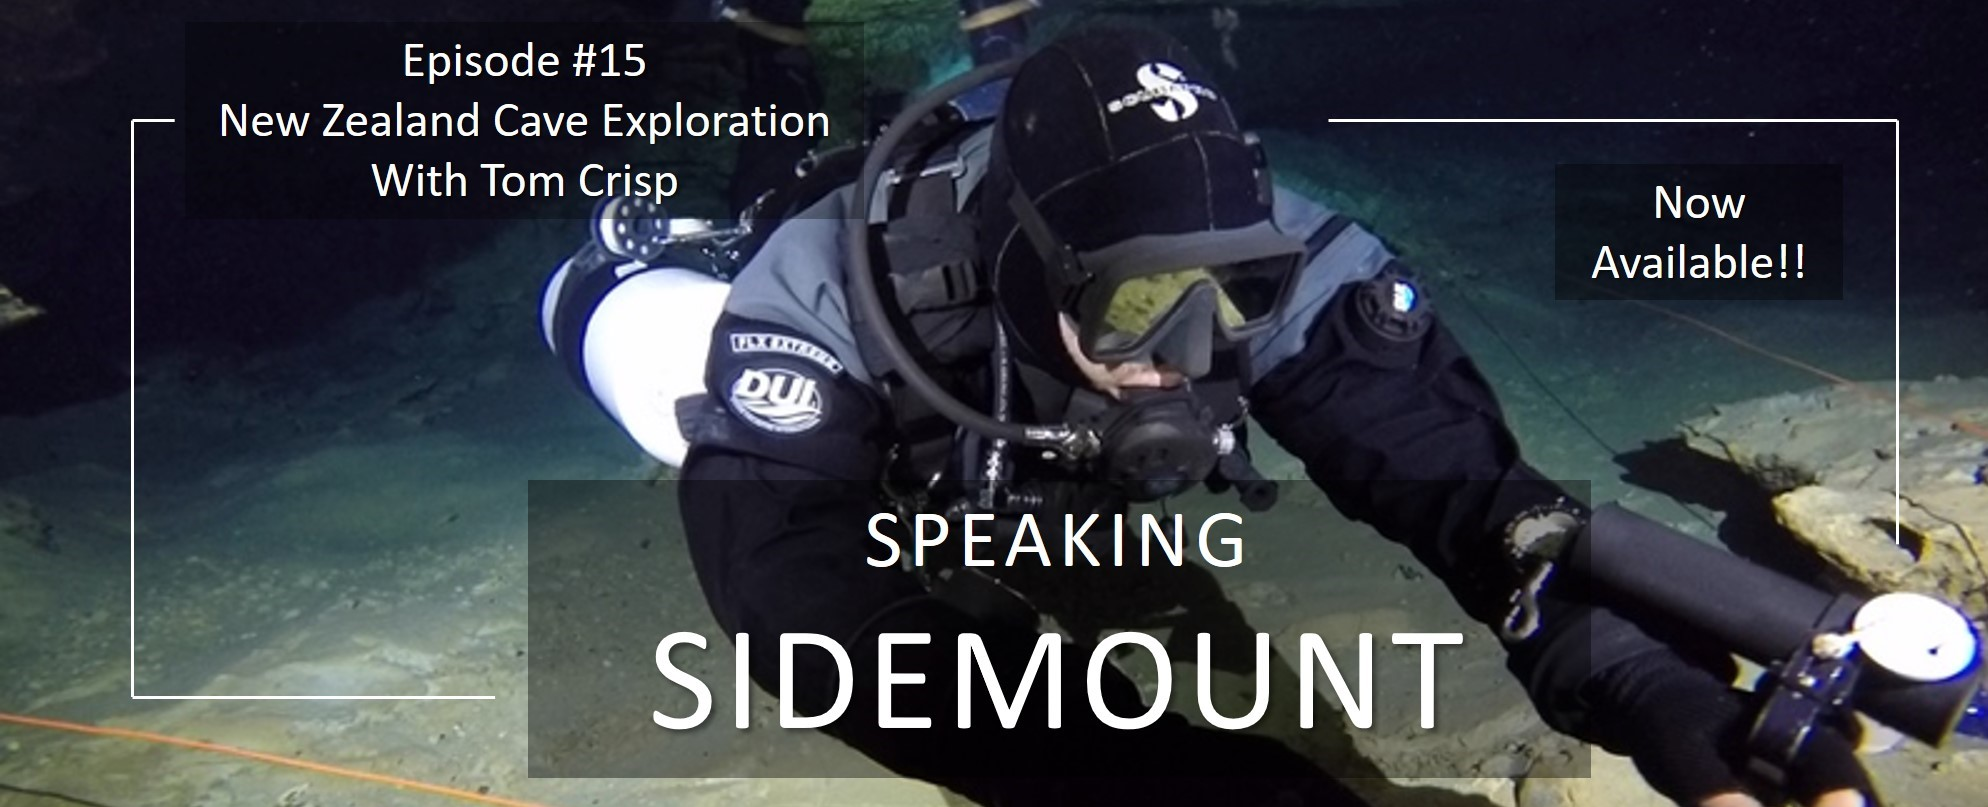 Speaking Sidemount Cover 1920x480 (Ep15).jpg